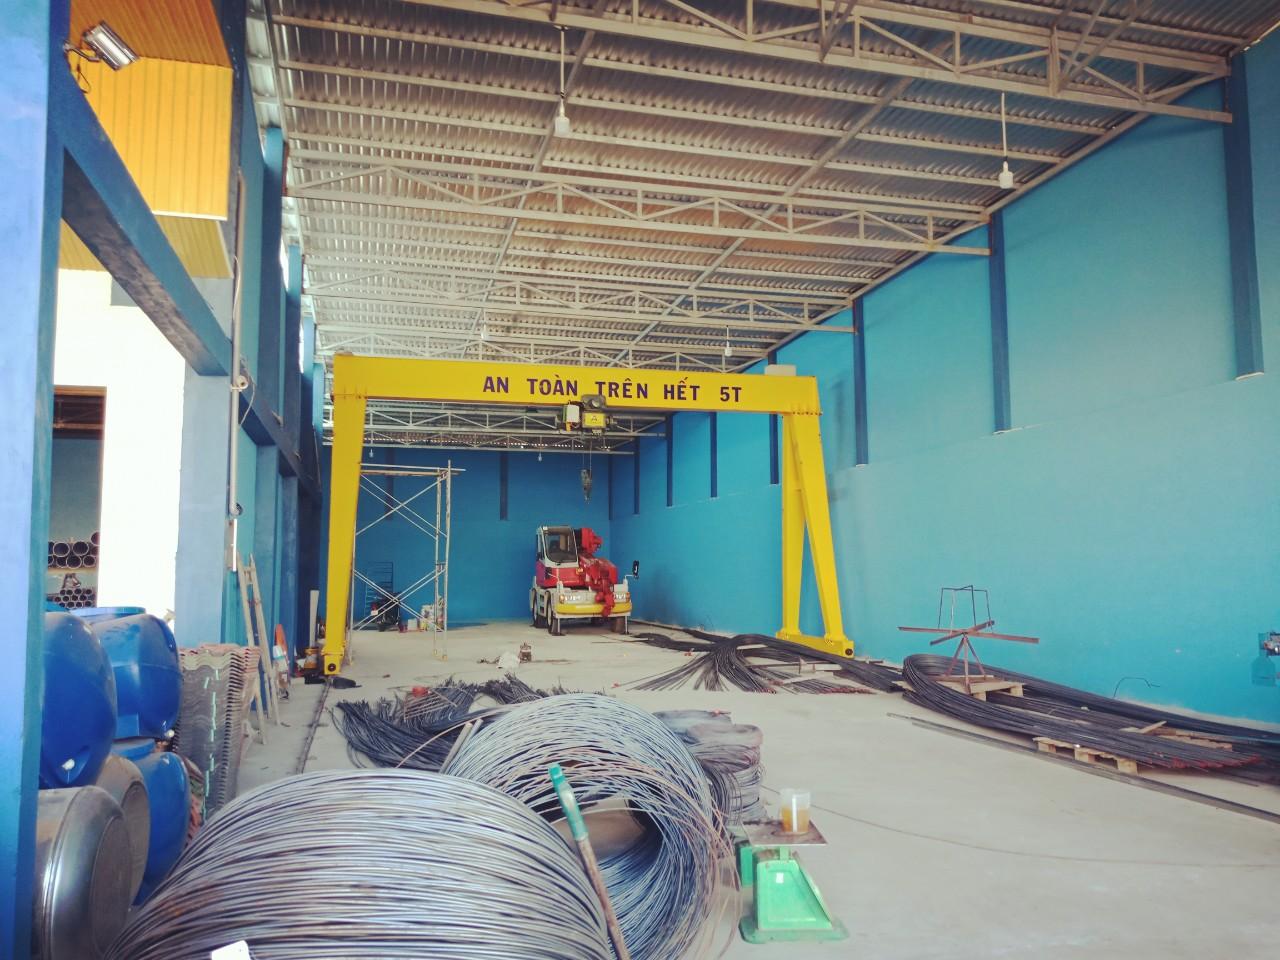 Thiết kế lắp đặt cổng trục dầm đơn 5 tấn tại Bạc Liêu